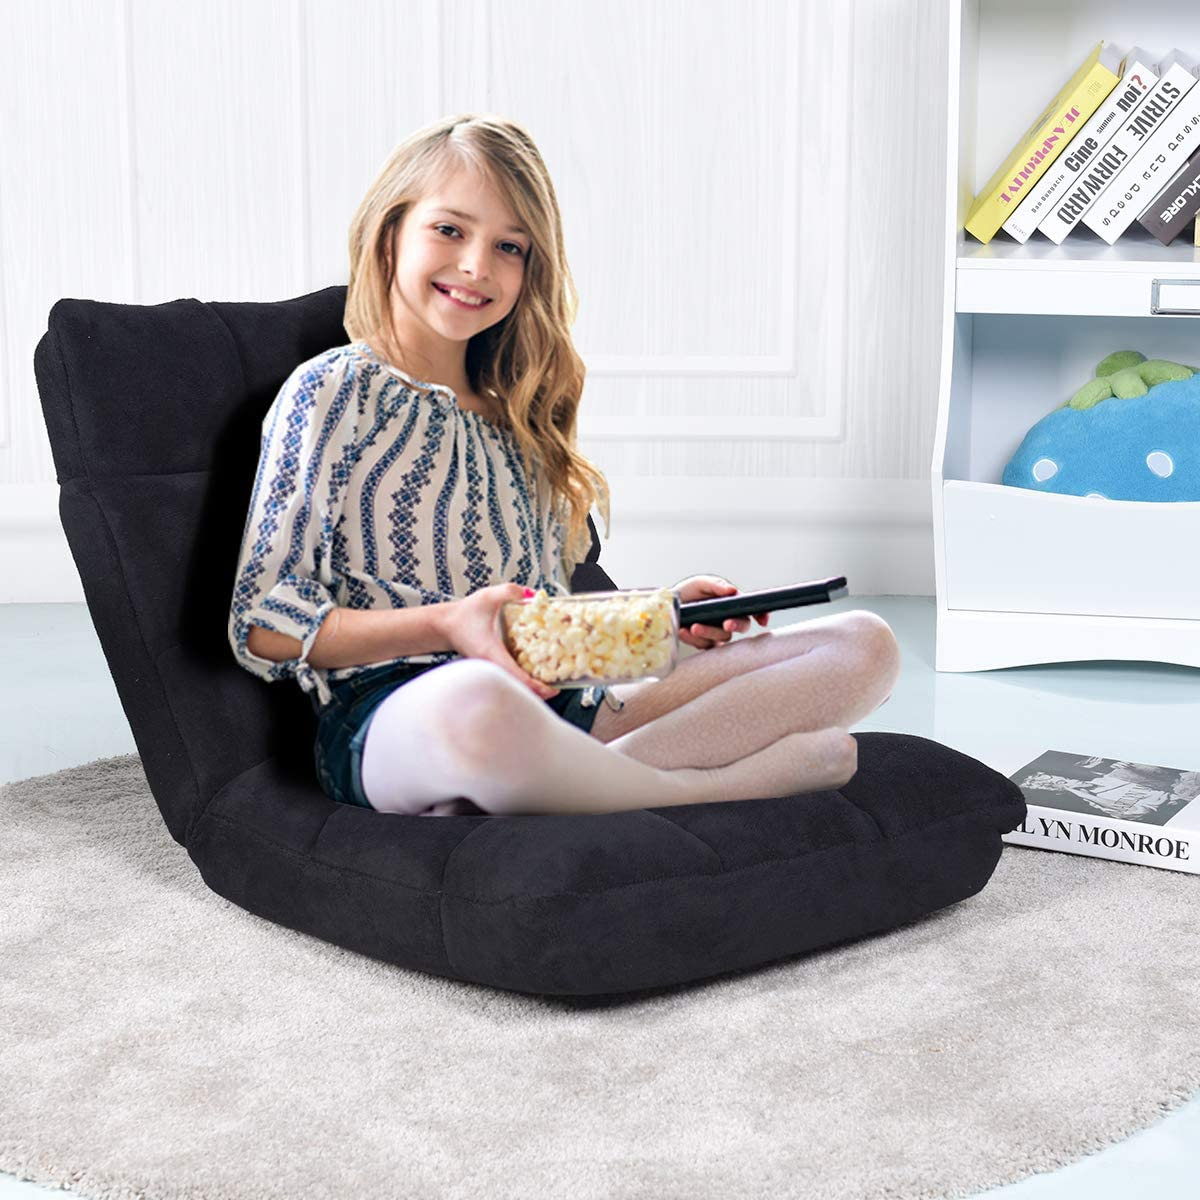 Tatami Canap/é Fauteuil Pliant Paresseux-Lits Bureau Chaise de Lit avec R/églable 14 Positions pour Maison Caf/é 105 x 56 x 15CM GOPLUS Chaise de Plancher Pliable